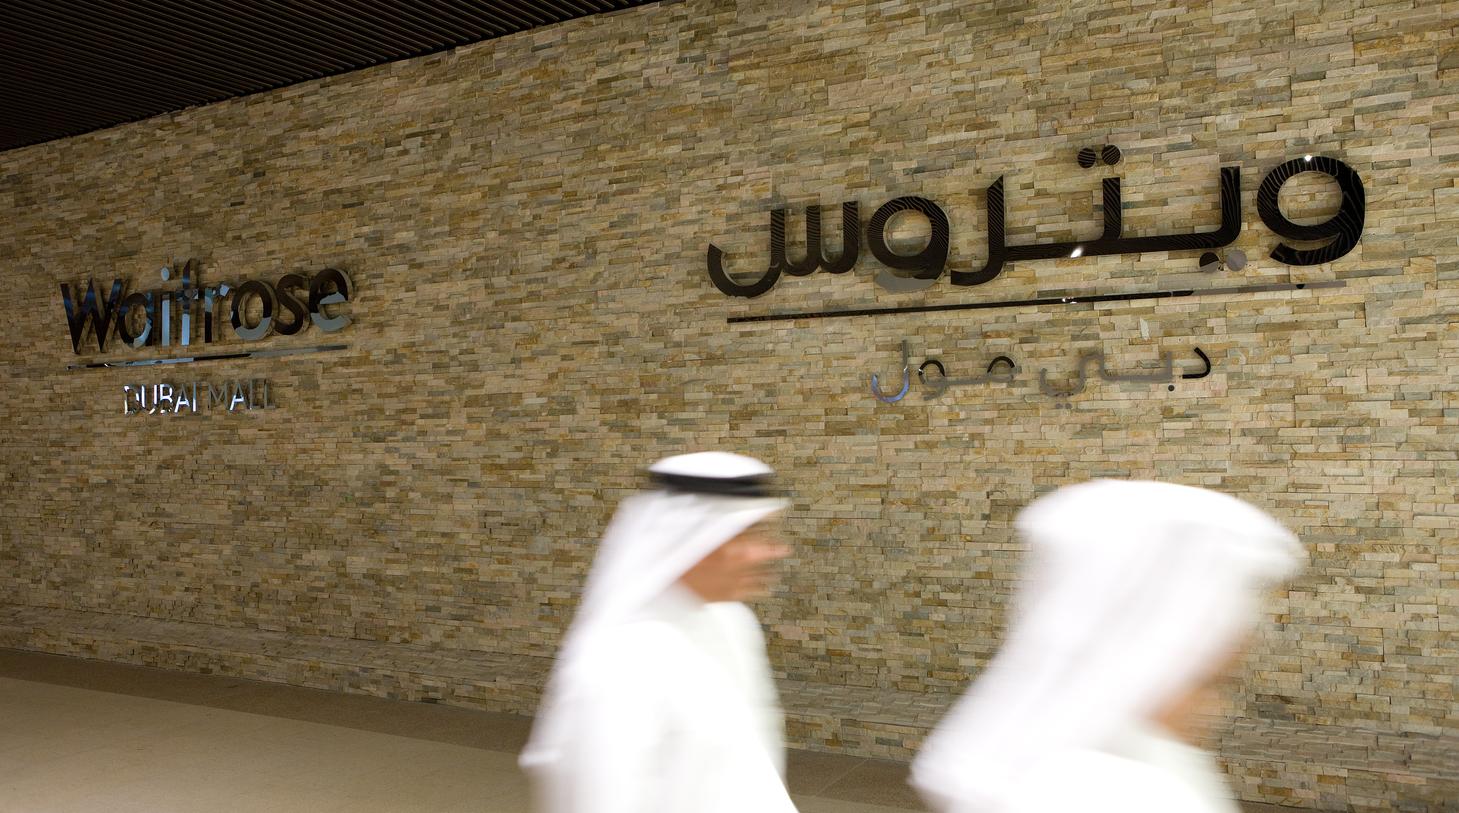 Waitrose_Dubai_HiRes_007.jpg